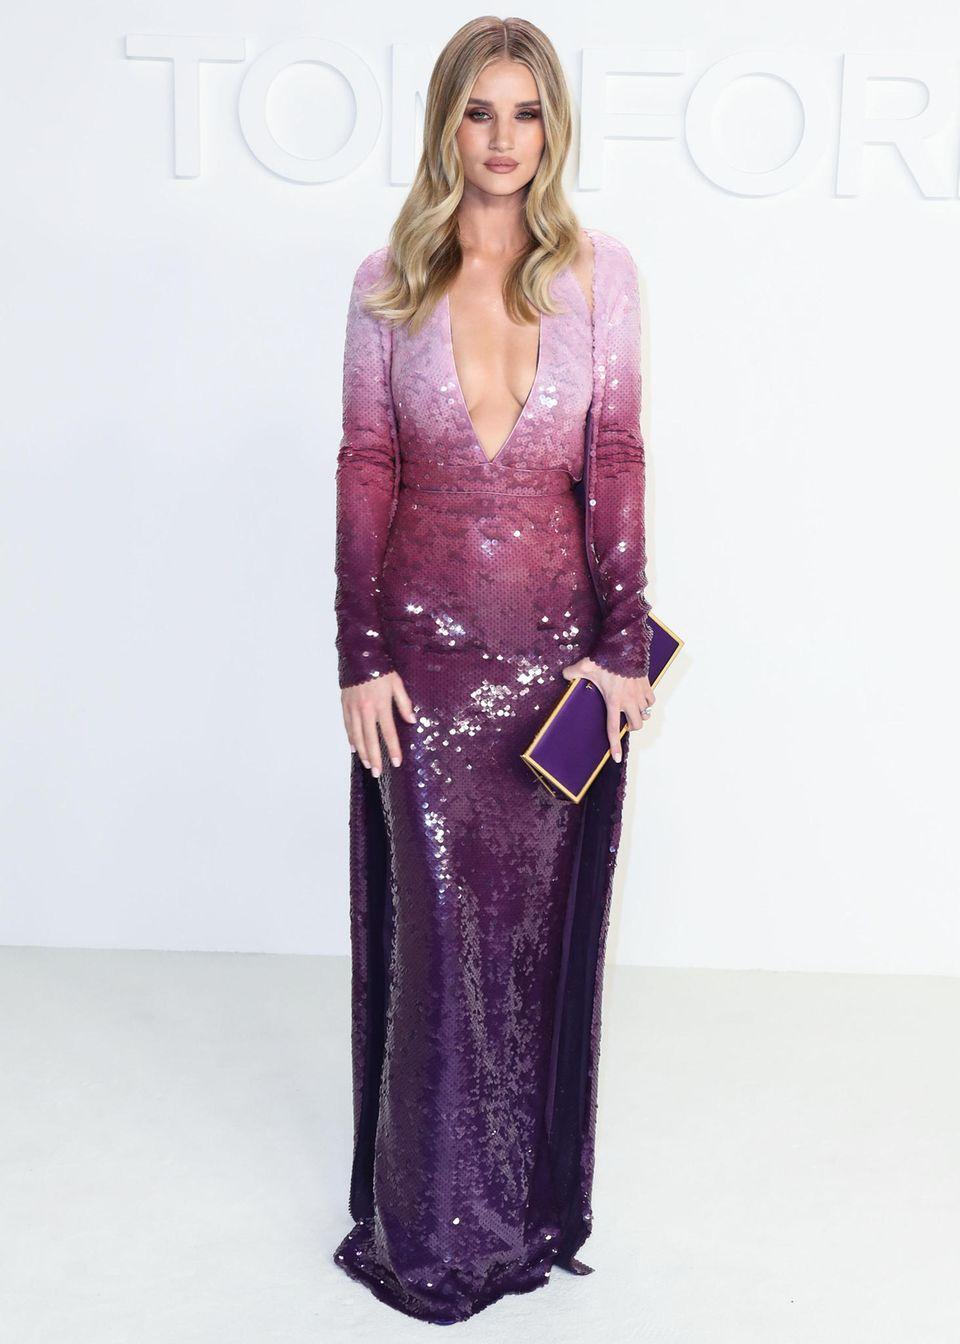 Für die Tom-Ford-Fashion-Show in New York zeigt sich Model und Schauspielerin Rosie Huntington-Whiteley in einem Pailletten-durchzogenen Kleid mit Farbverlauf und V-Ausschnitt.